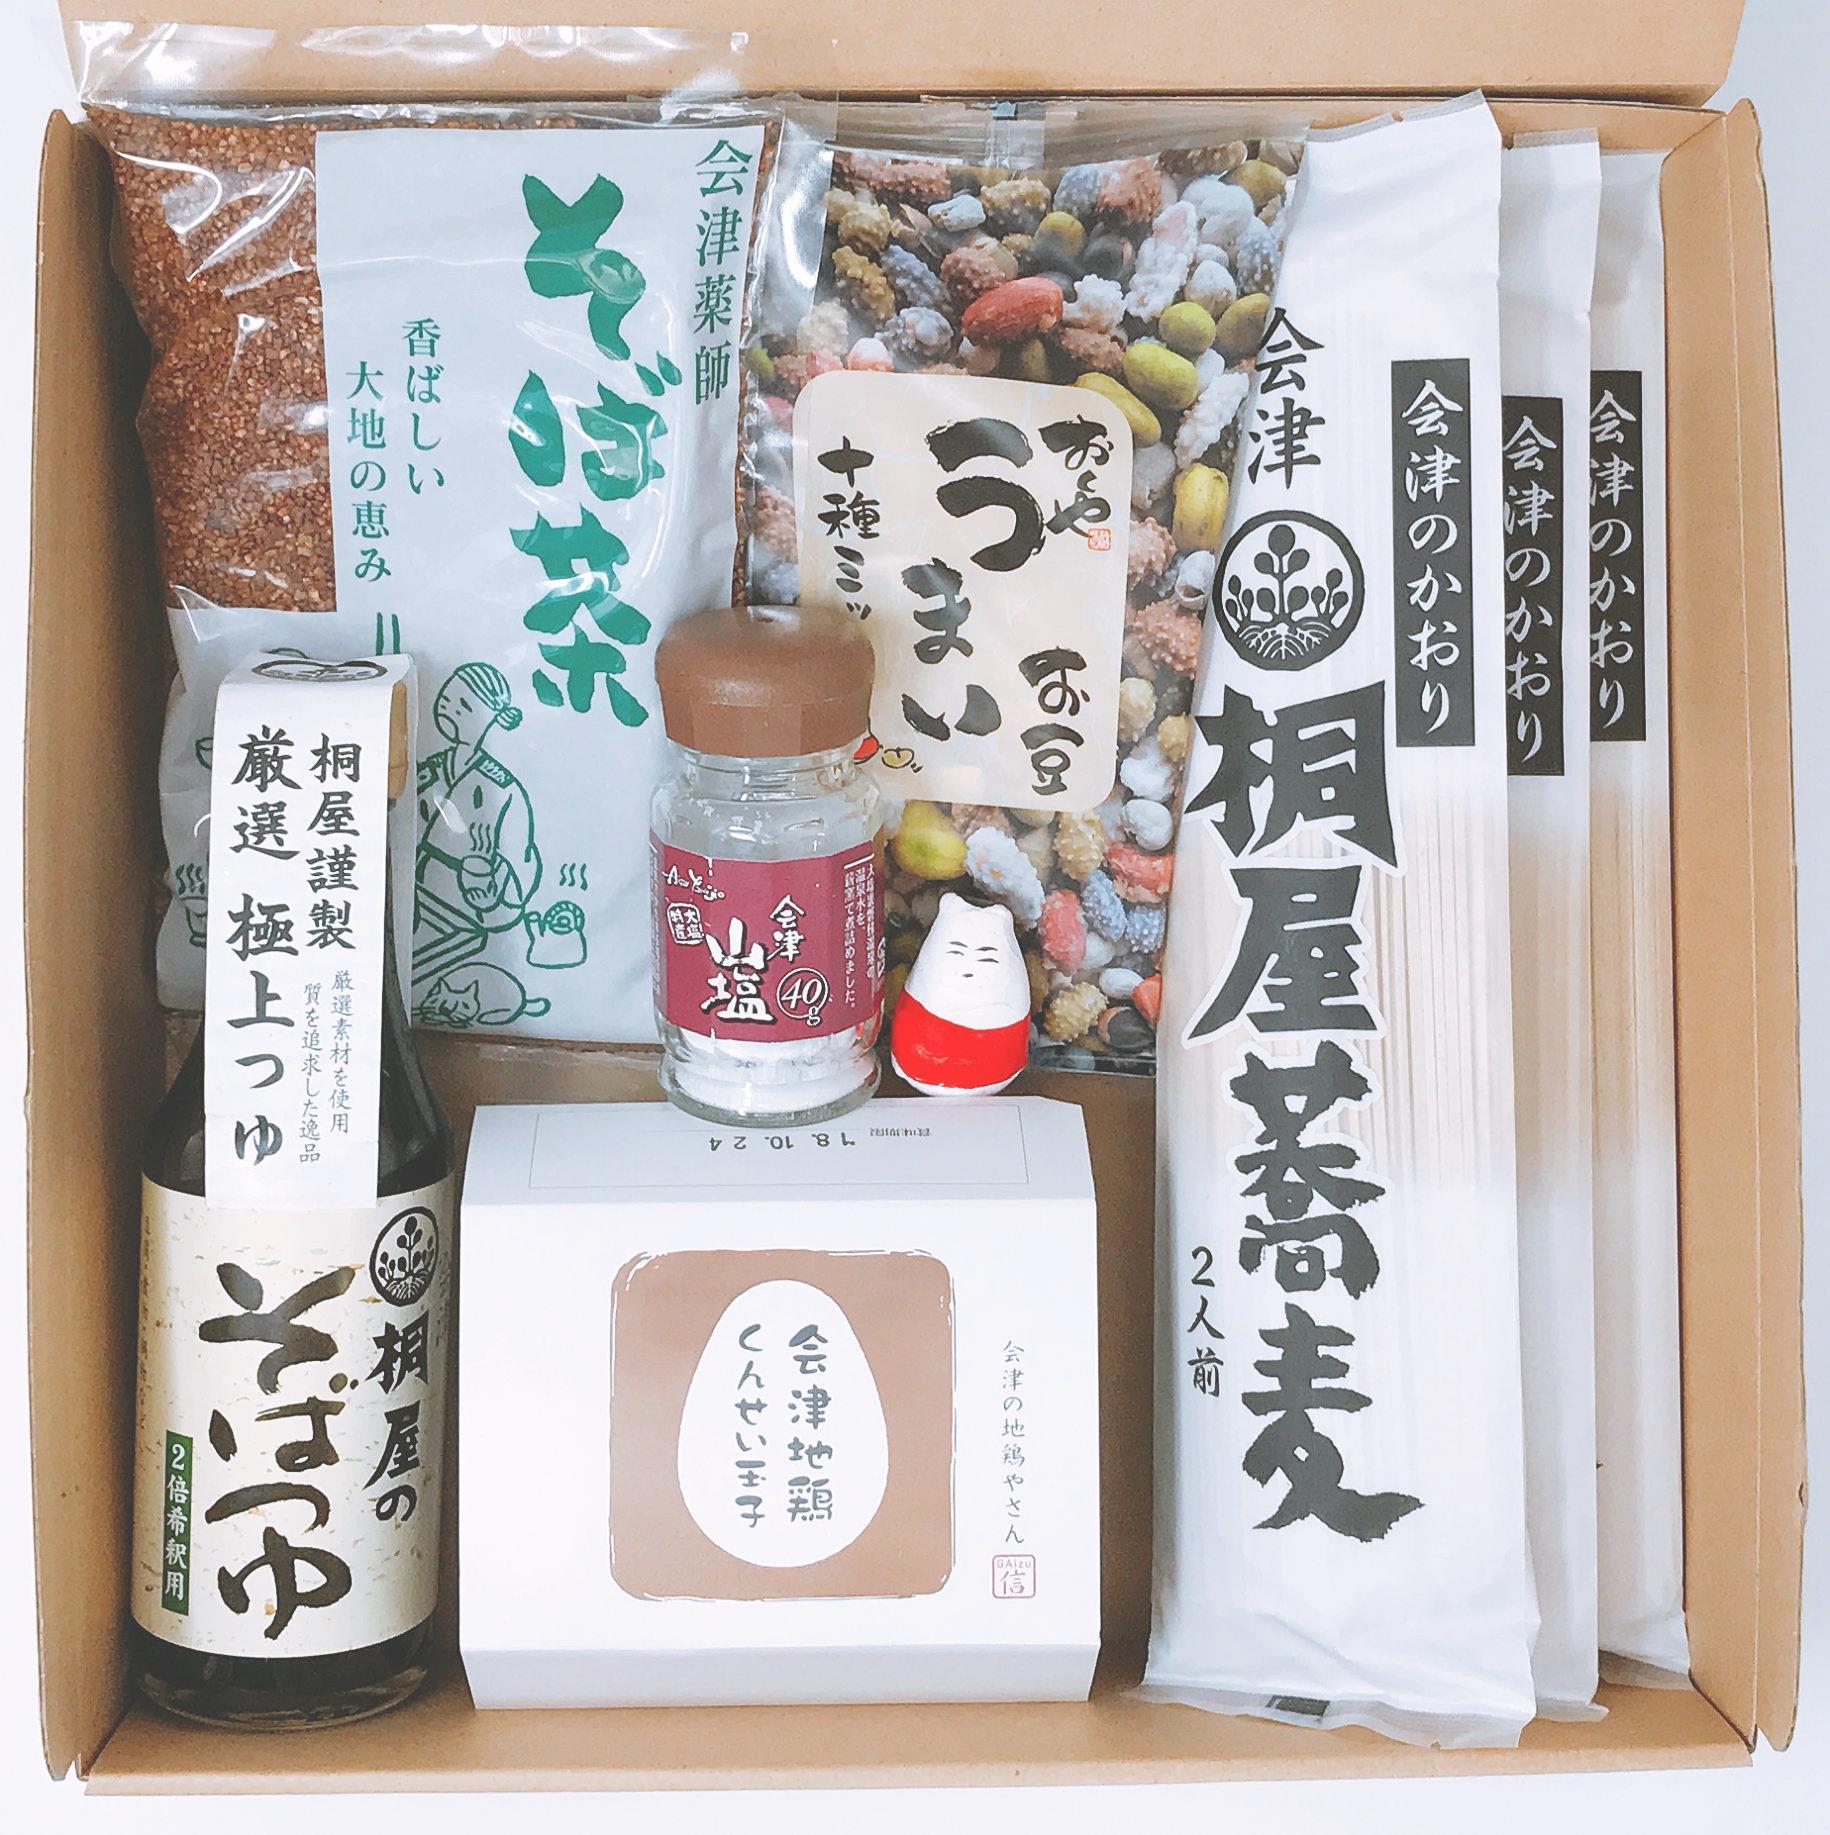 会津の玉手箱 『竜』    画像